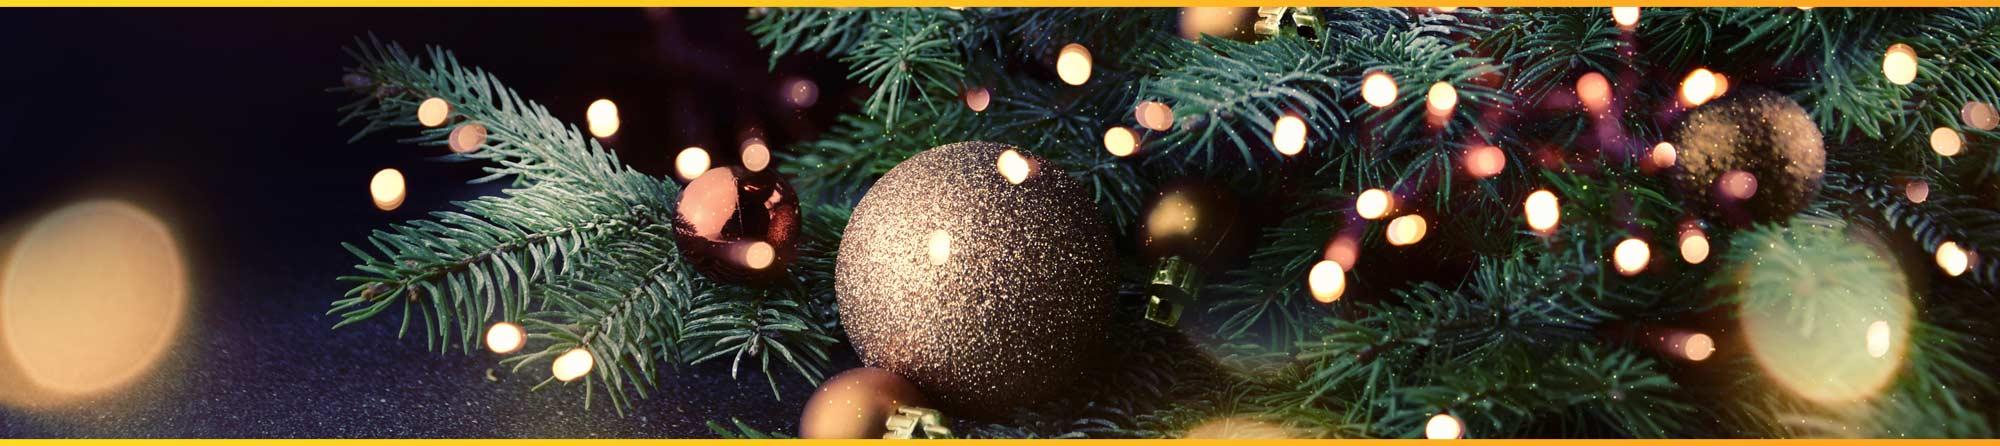 christmas club first florida credit union - Christmas Loans No Credit Check